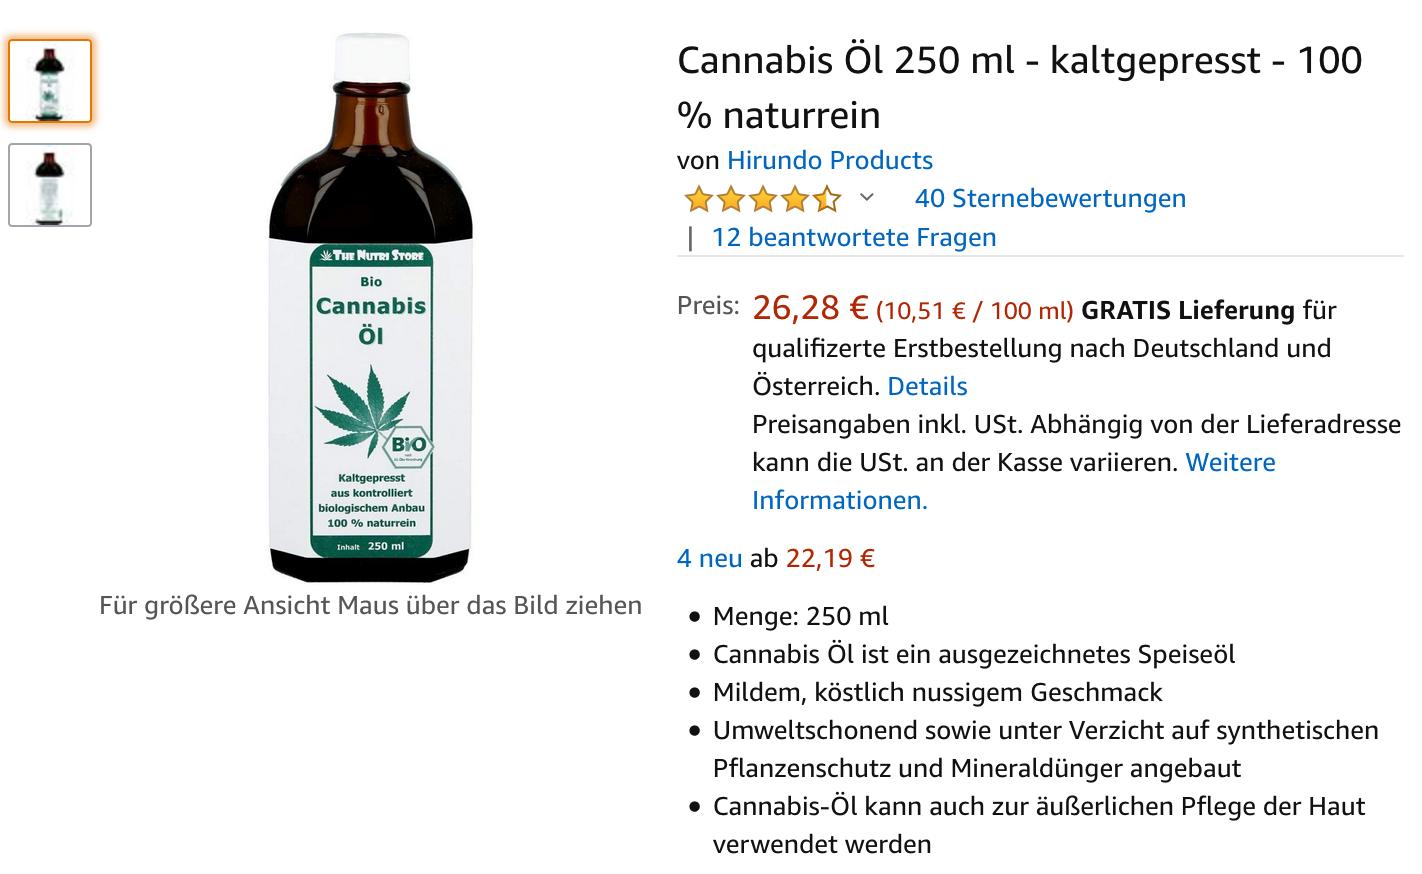 Cannabis Öl 250 ml - kaltgepresst - 100 % naturrein  - Jetzt auch in Deutschland Legal Bestellen via AMAZON